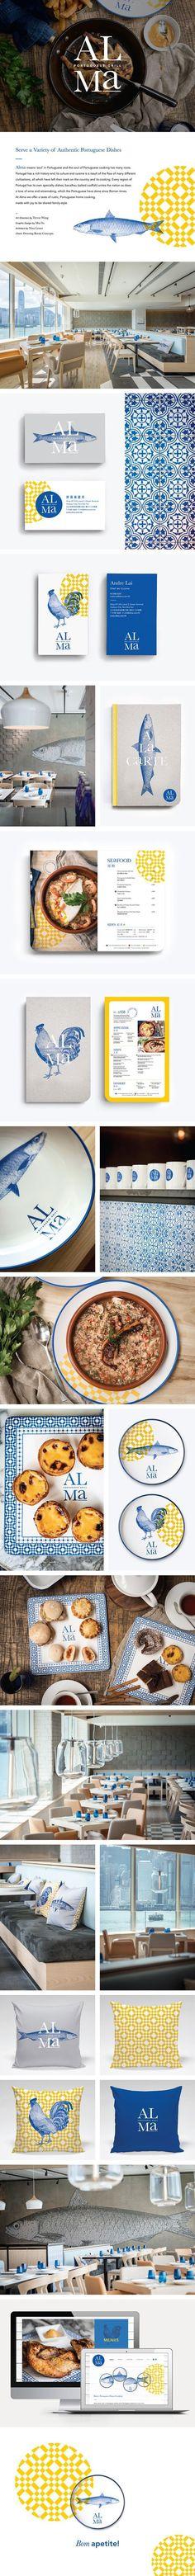 Alma Portugese Grill Restaurant Branding on Behance | Fivestar Branding –…